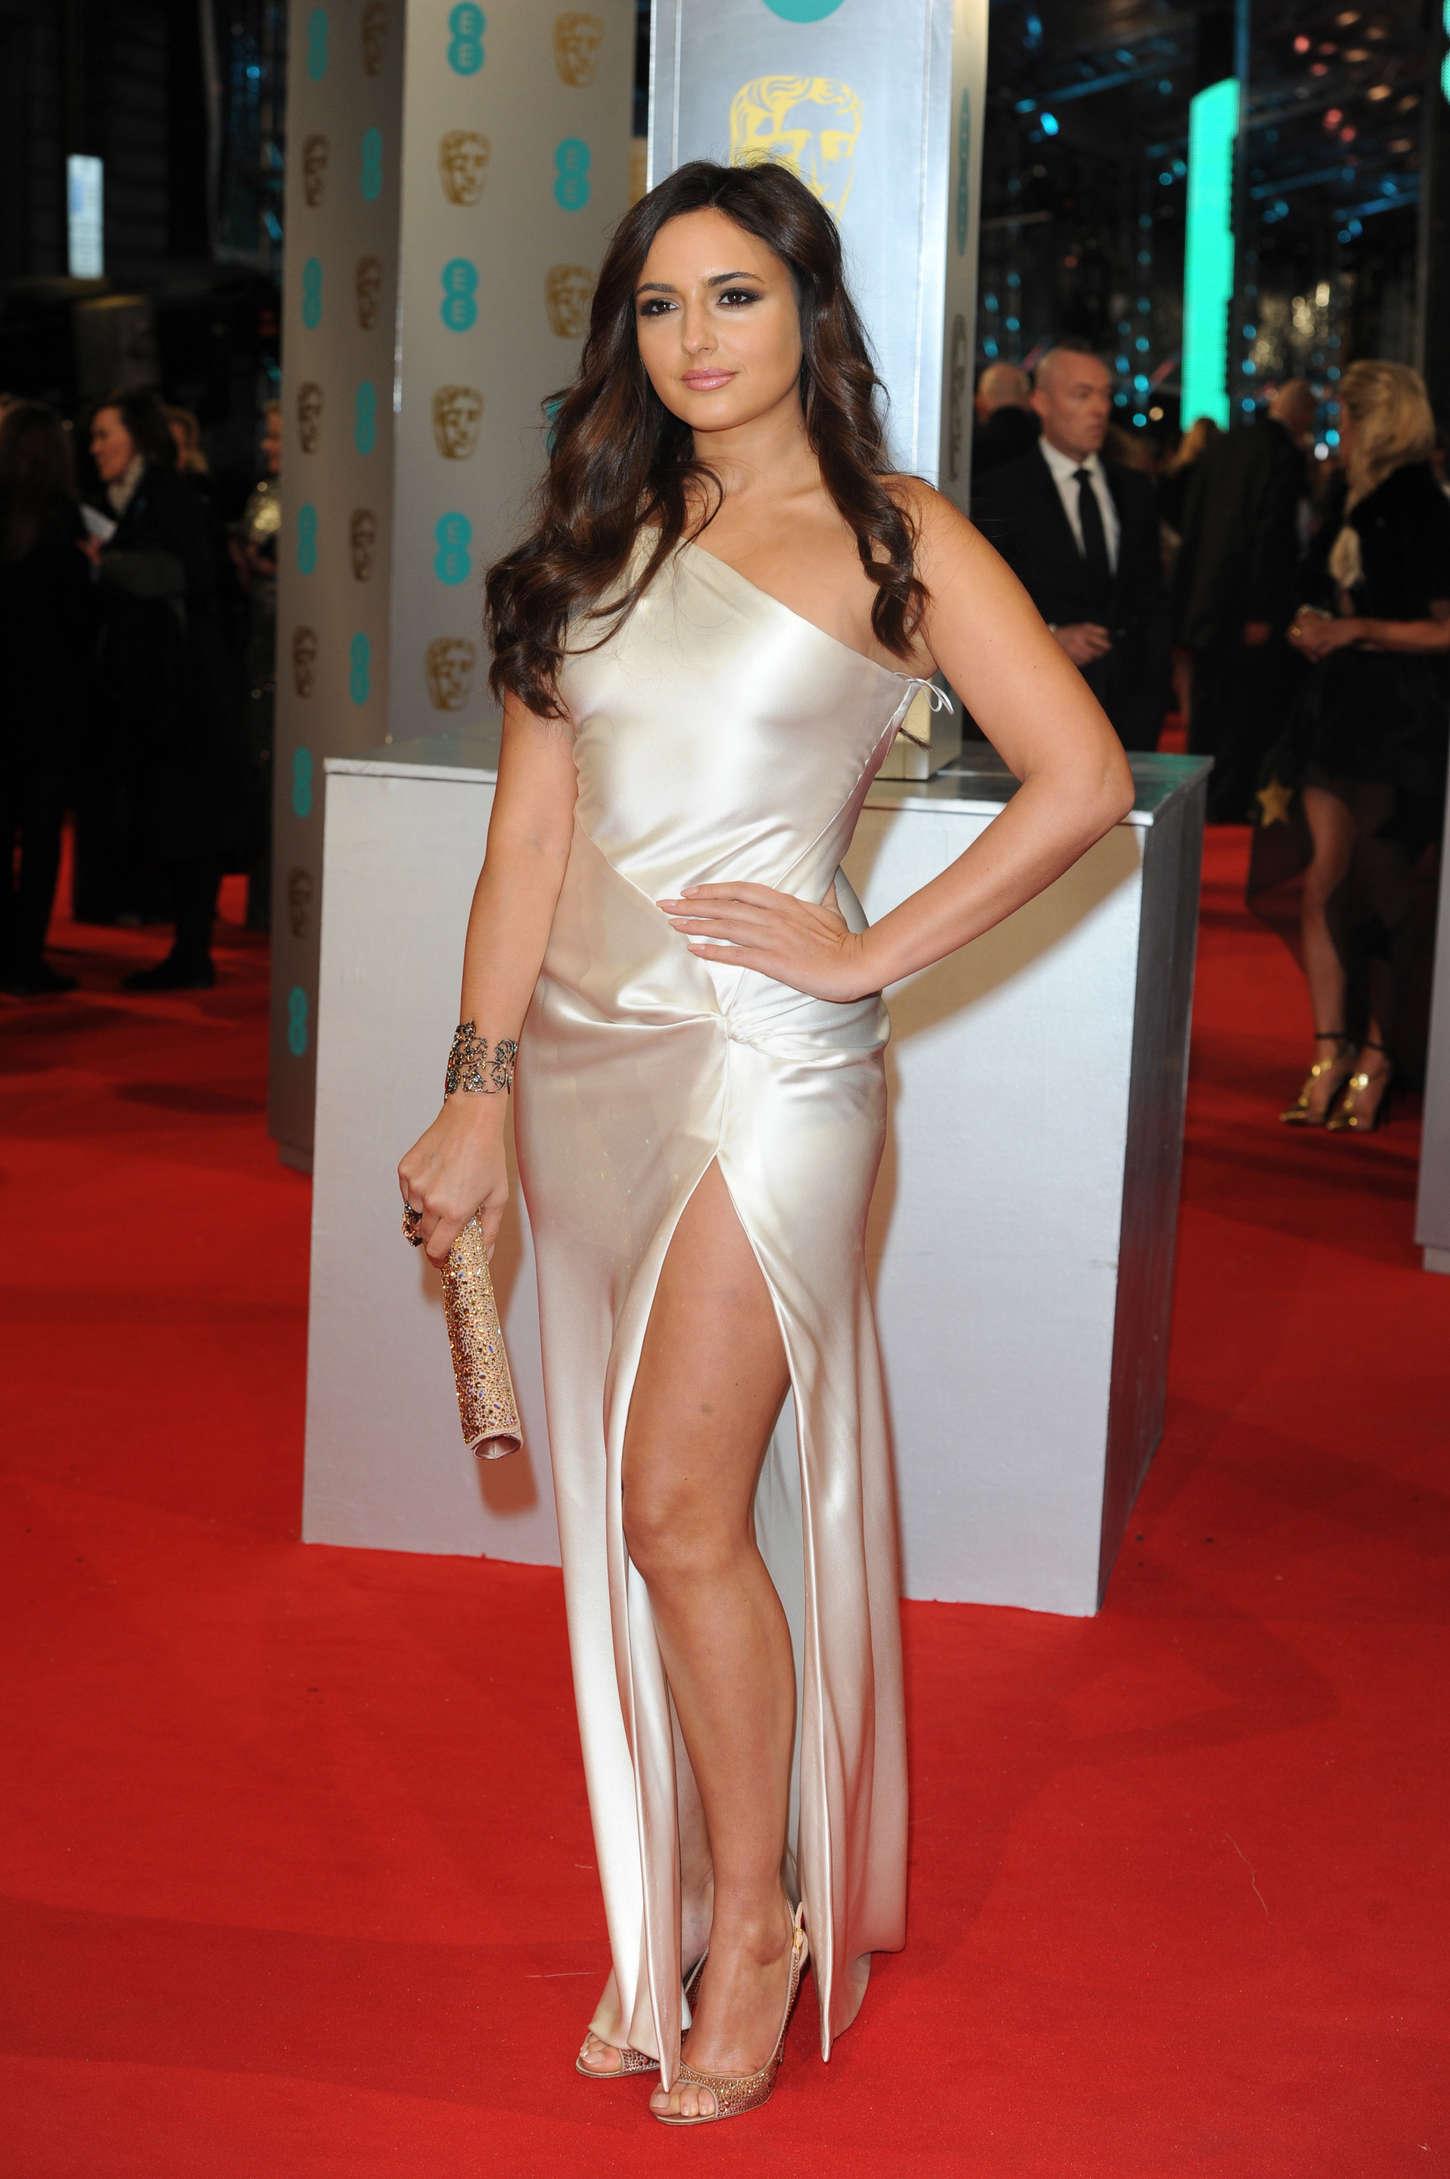 Nadia Forde 2015 : Nadia Forde: BAFTA Awards 2015 -03